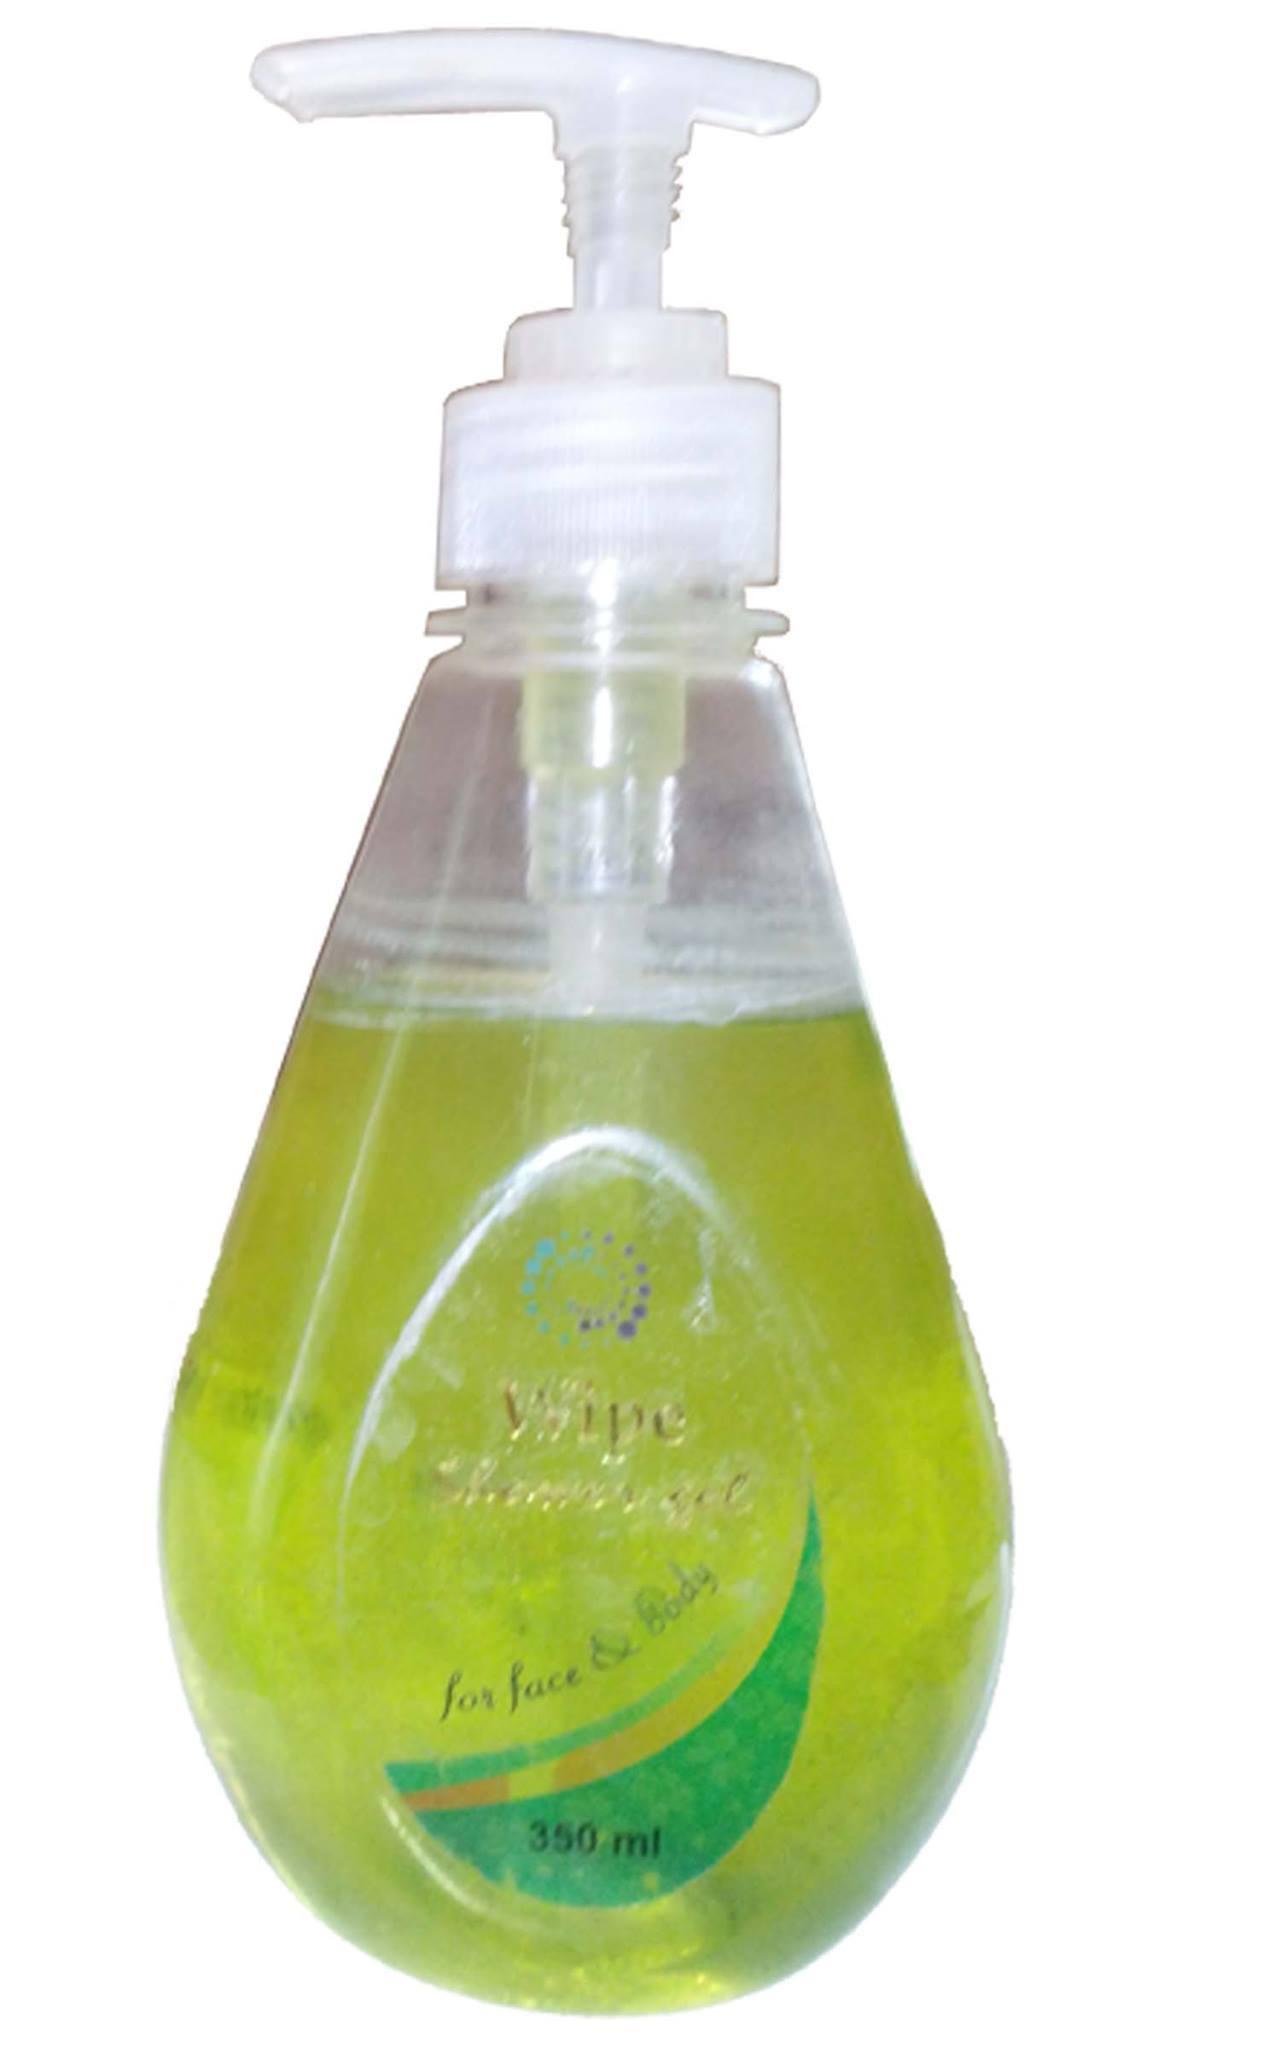 Wipe Shower Gel